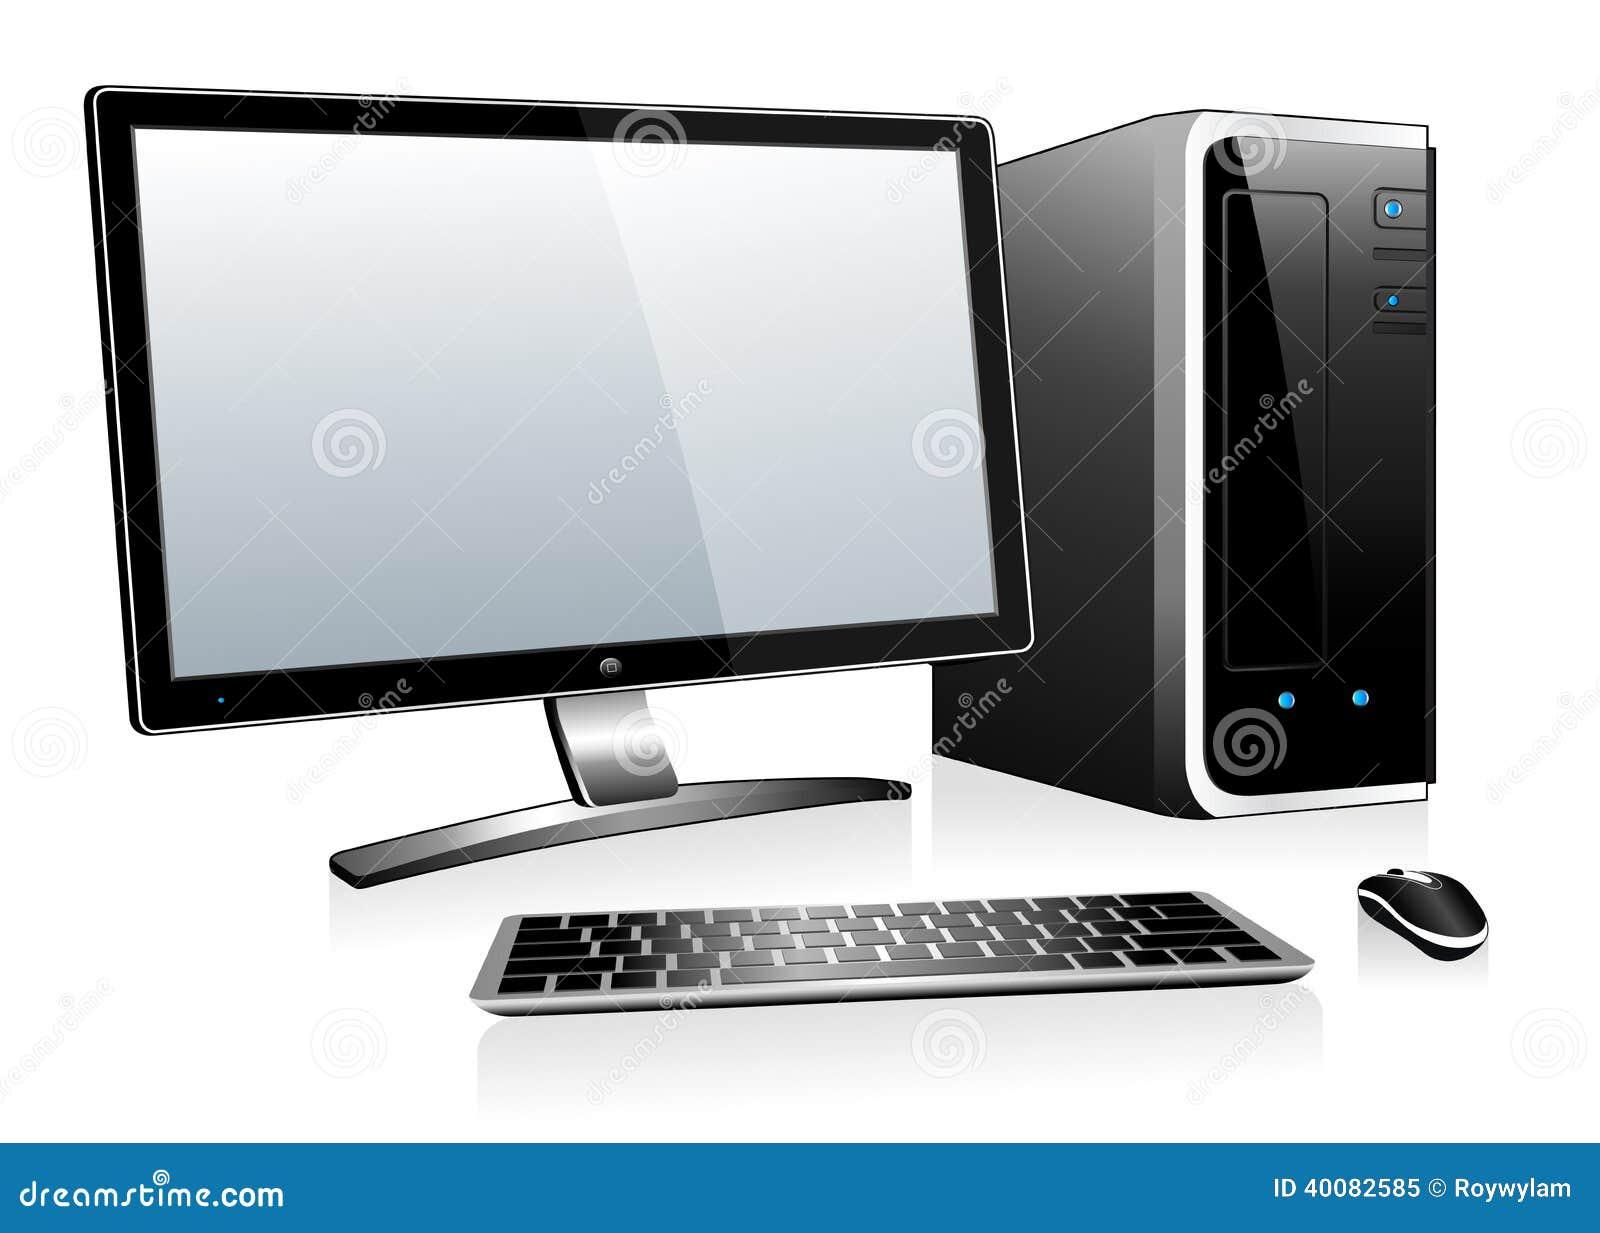 Computer Modern Technology Technology Clipart